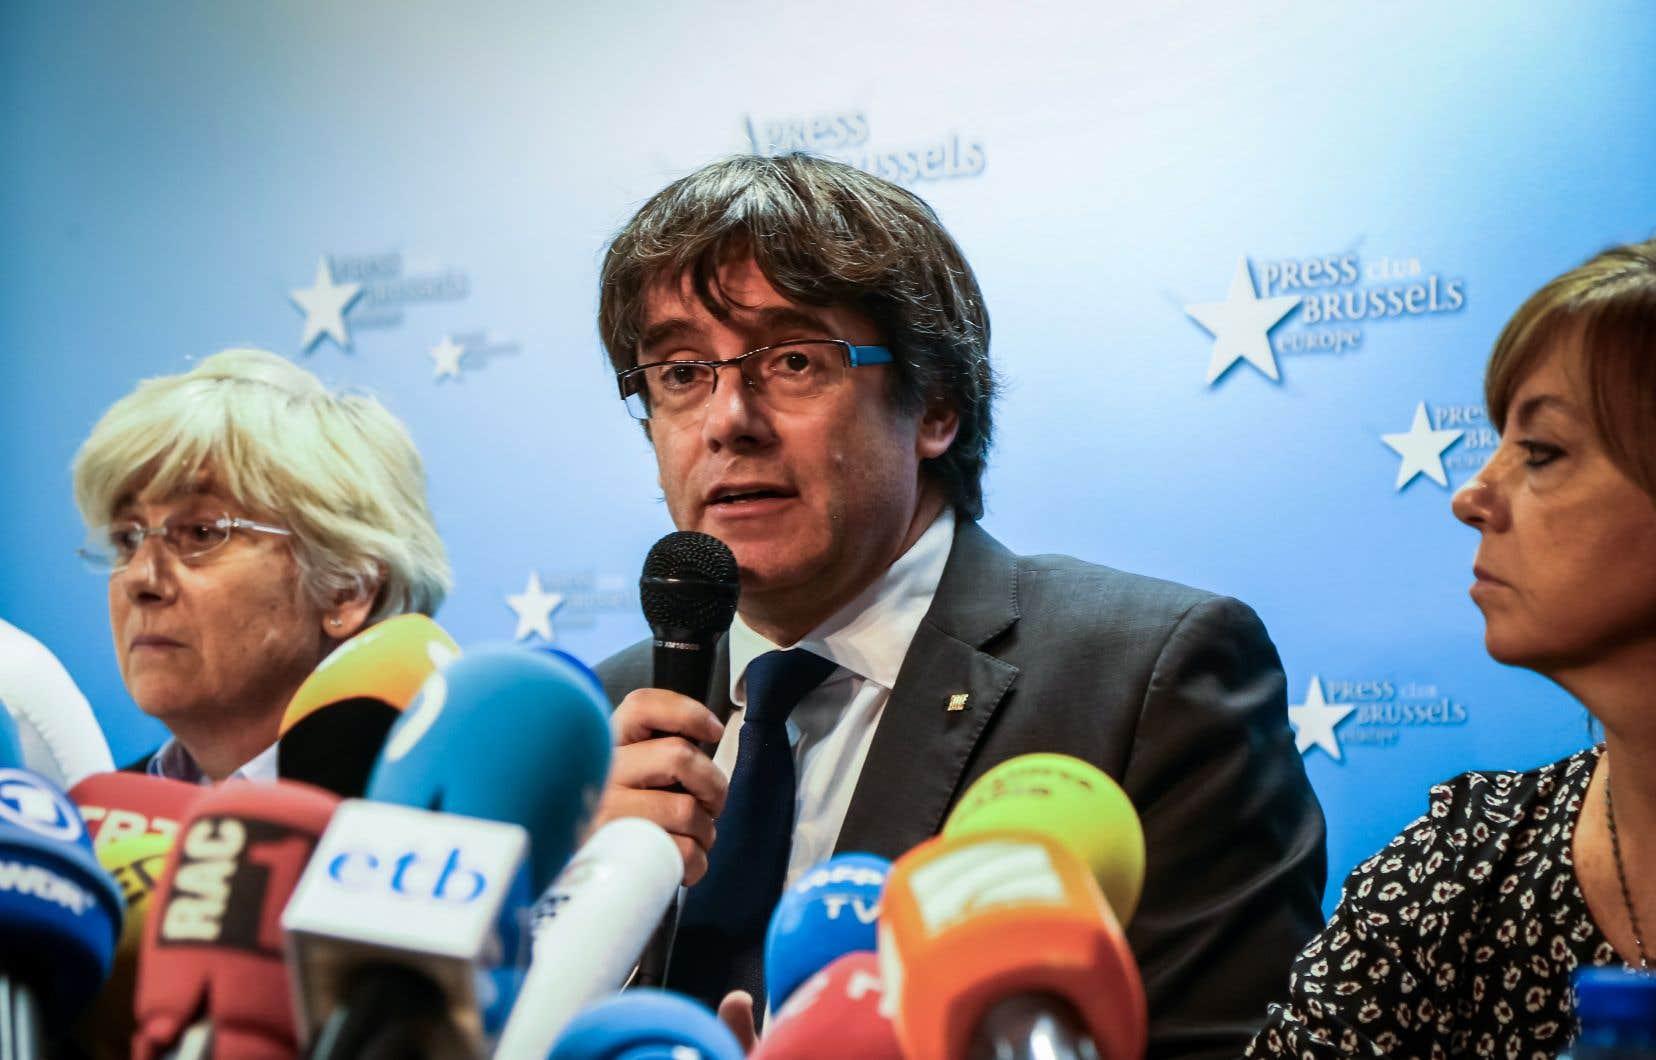 Carles Puigdemont demandait à l'Europe d'intervenir devant la répression de la Catalogne, affirmant que «tolérer la violence de l'extrême droite, c'est rompre avec l'idée de l'Europe, une erreur que tous les Européens paieront cher».